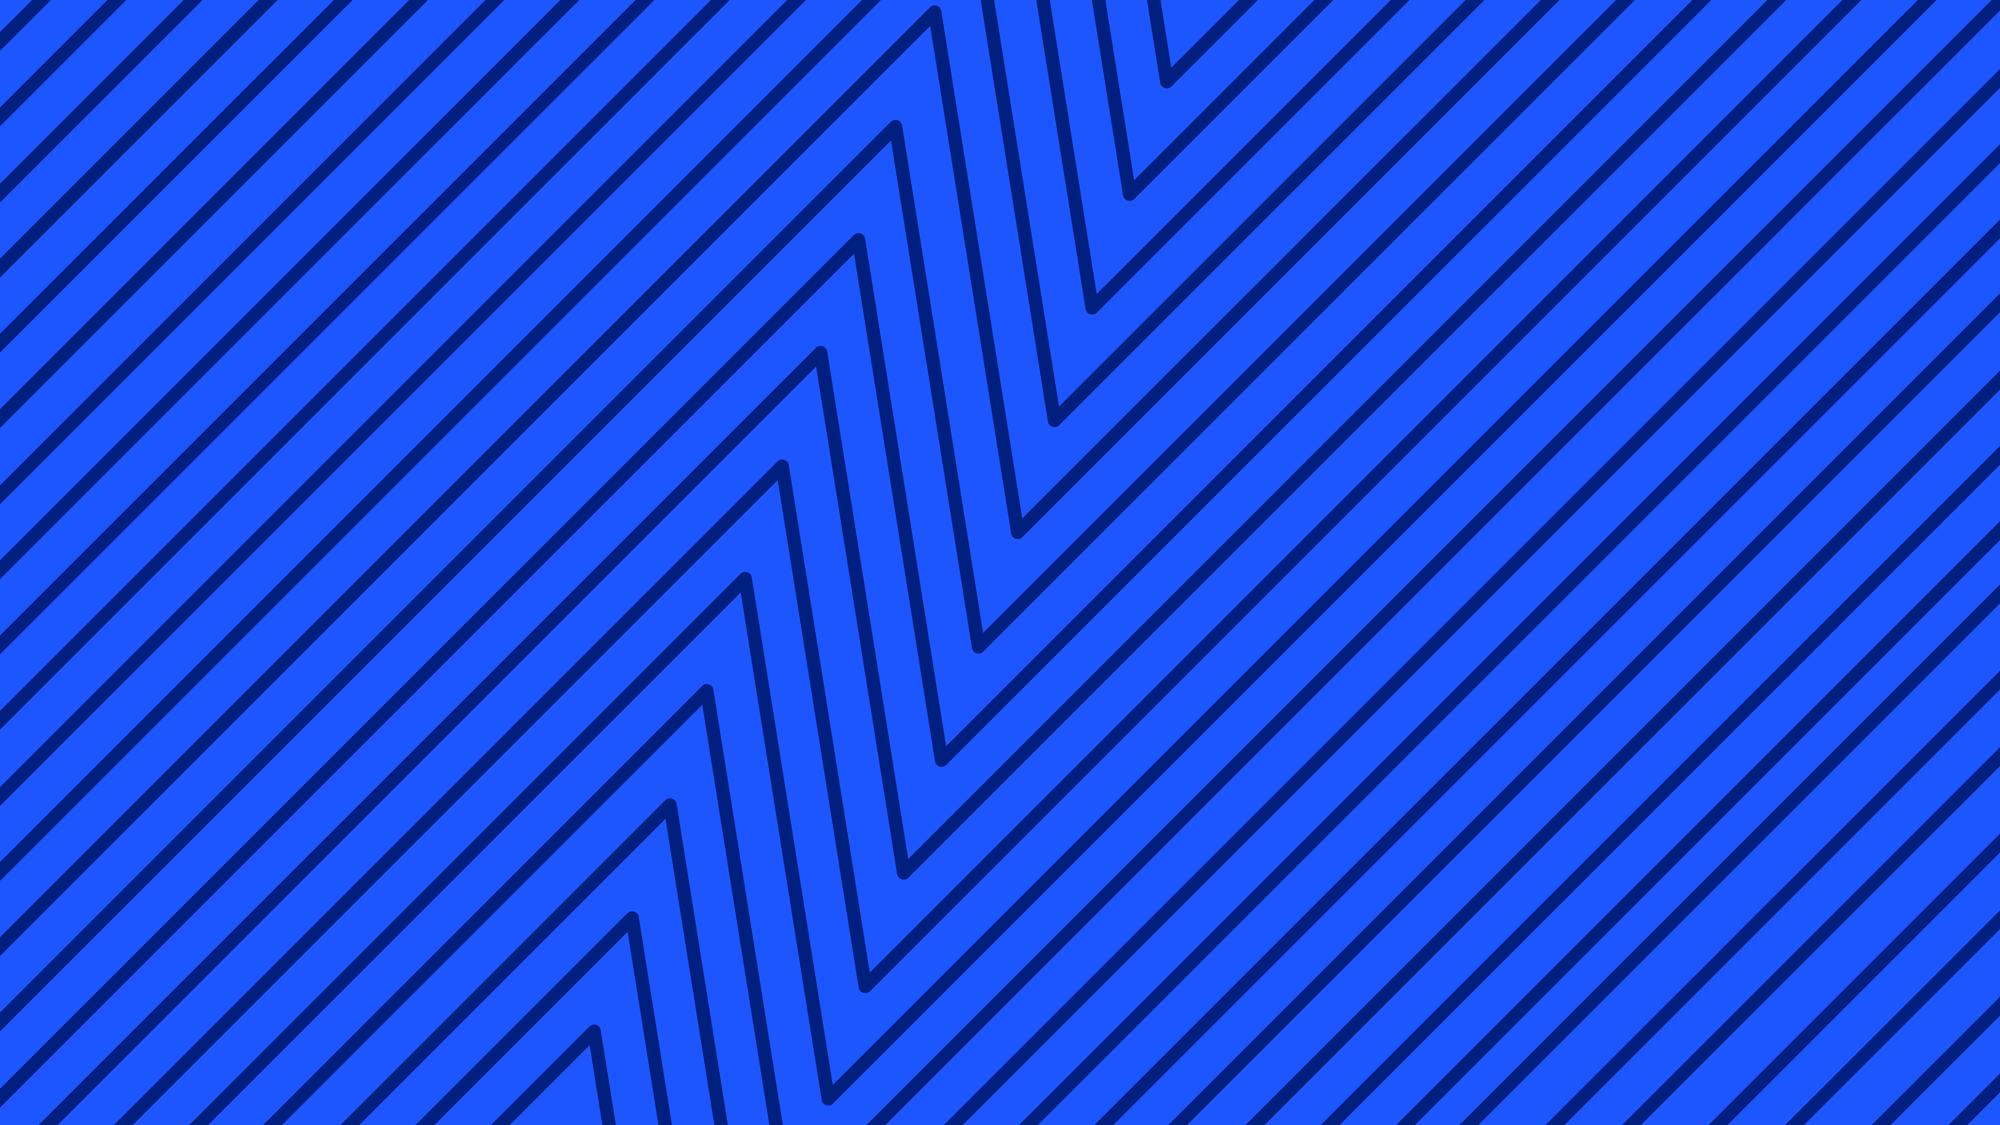 zamartz patterns light small